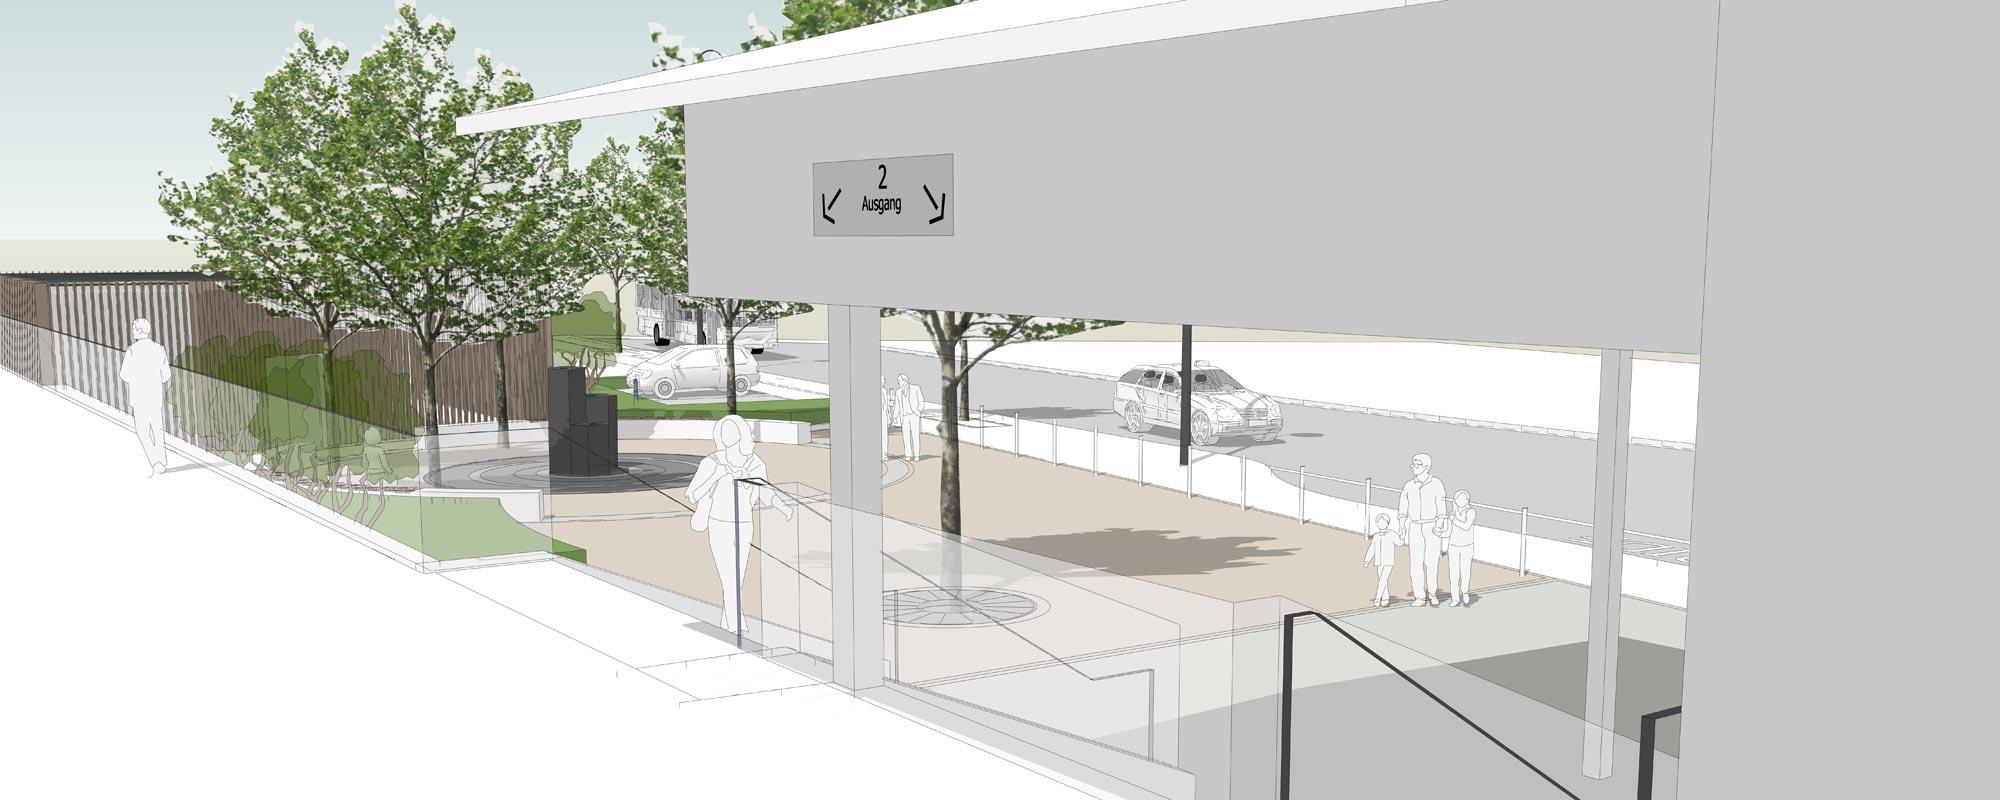 Neugestaltung_Bahnhofsvorplatz_Slide_5